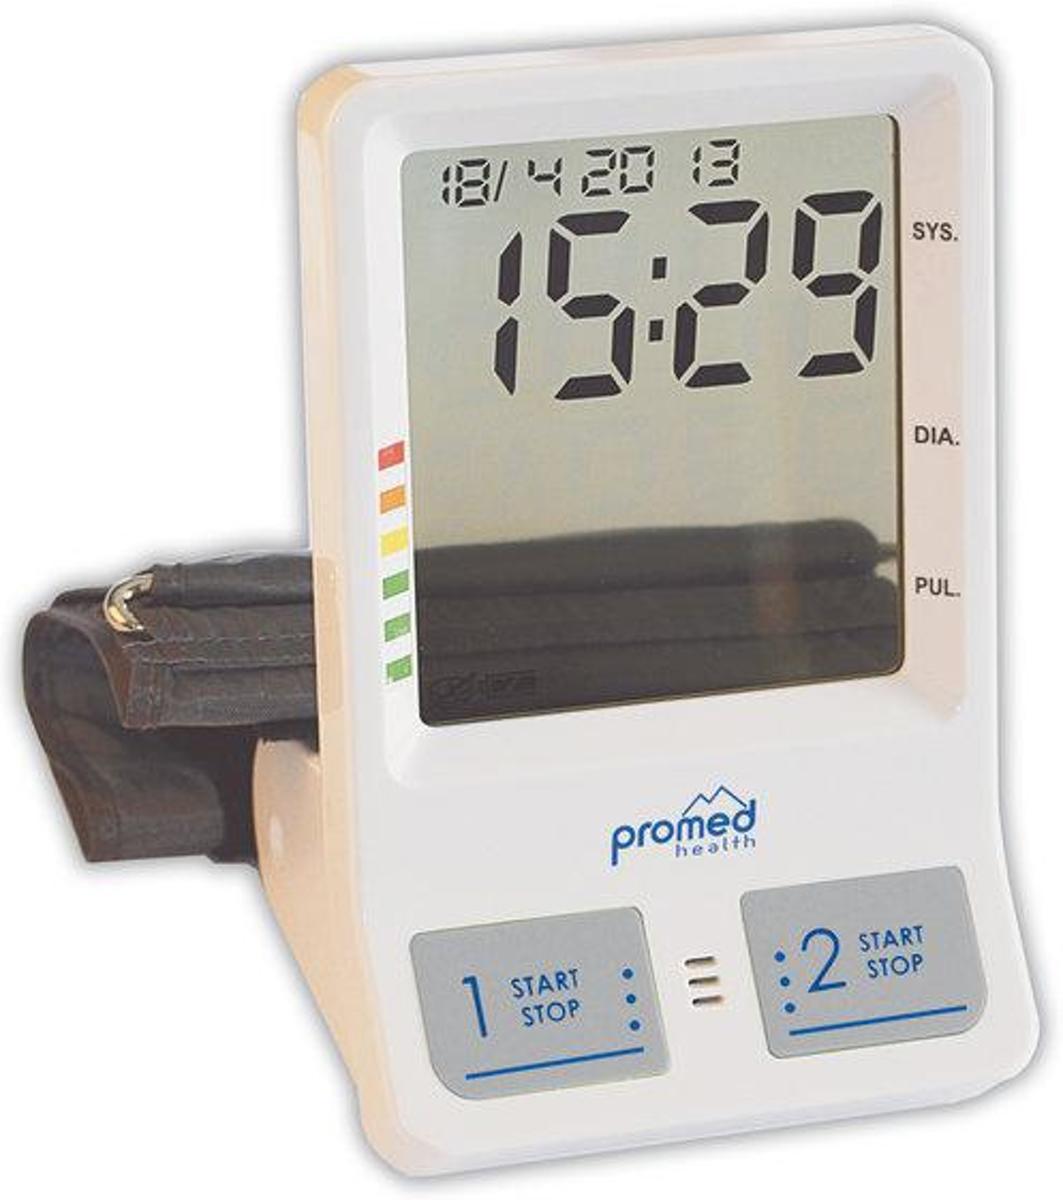 Promed PBW5.2 Bovenarm Bloeddrukmeter met wekker